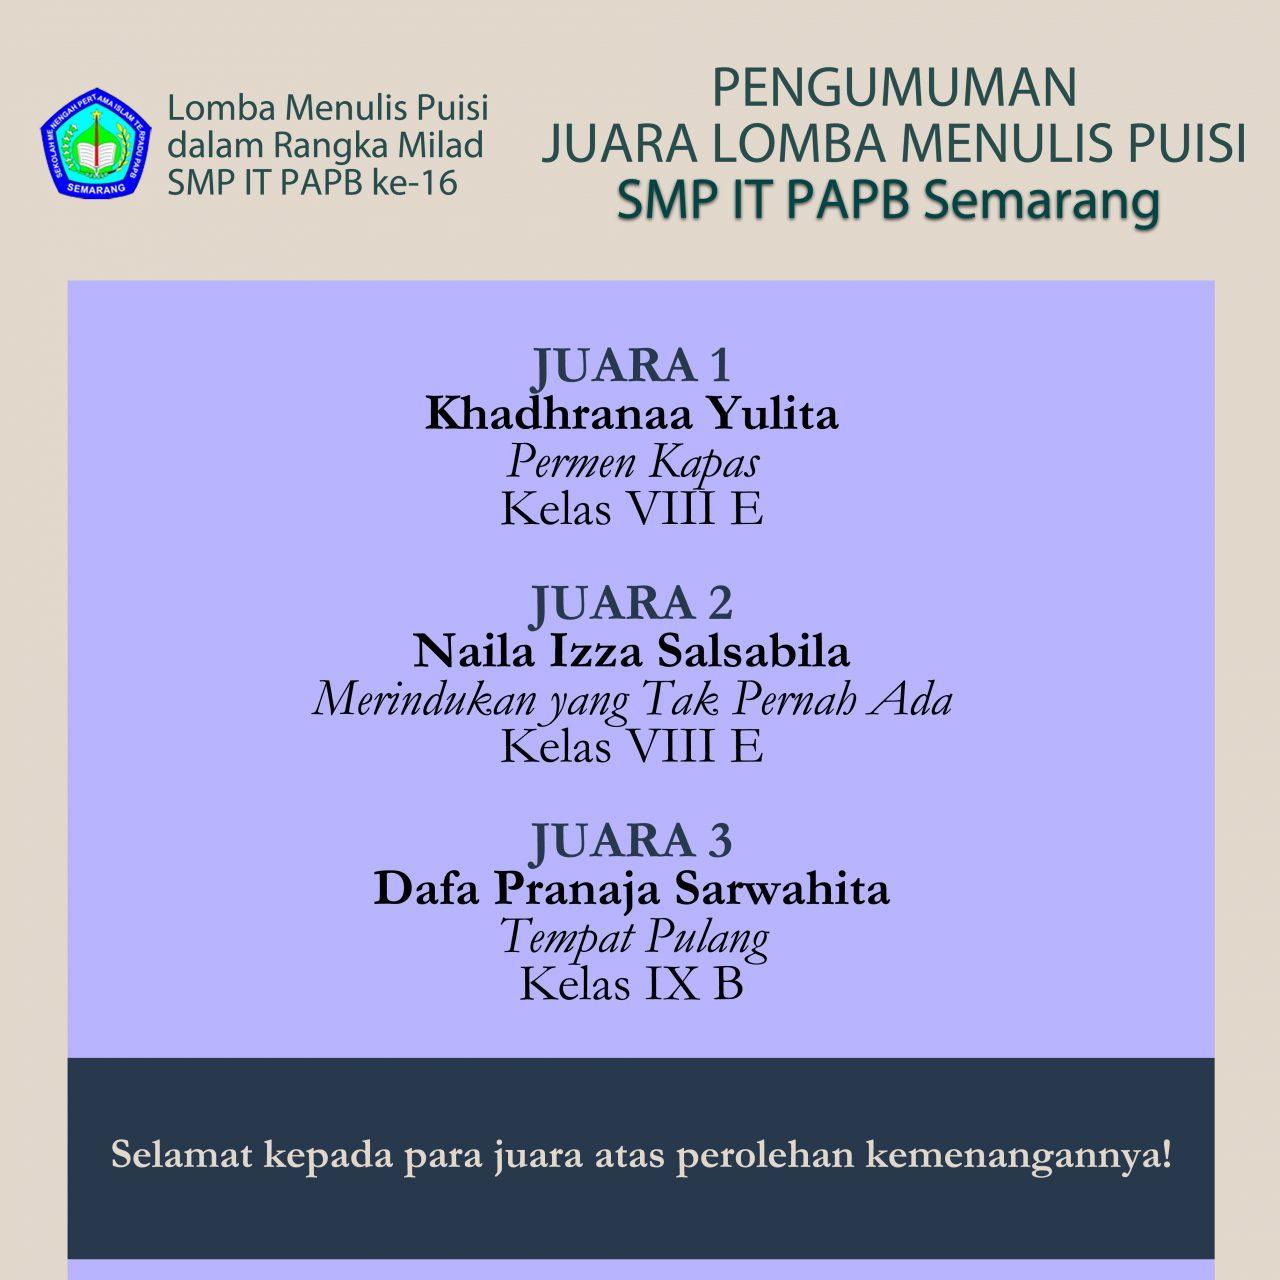 Pamflet Juara SMP